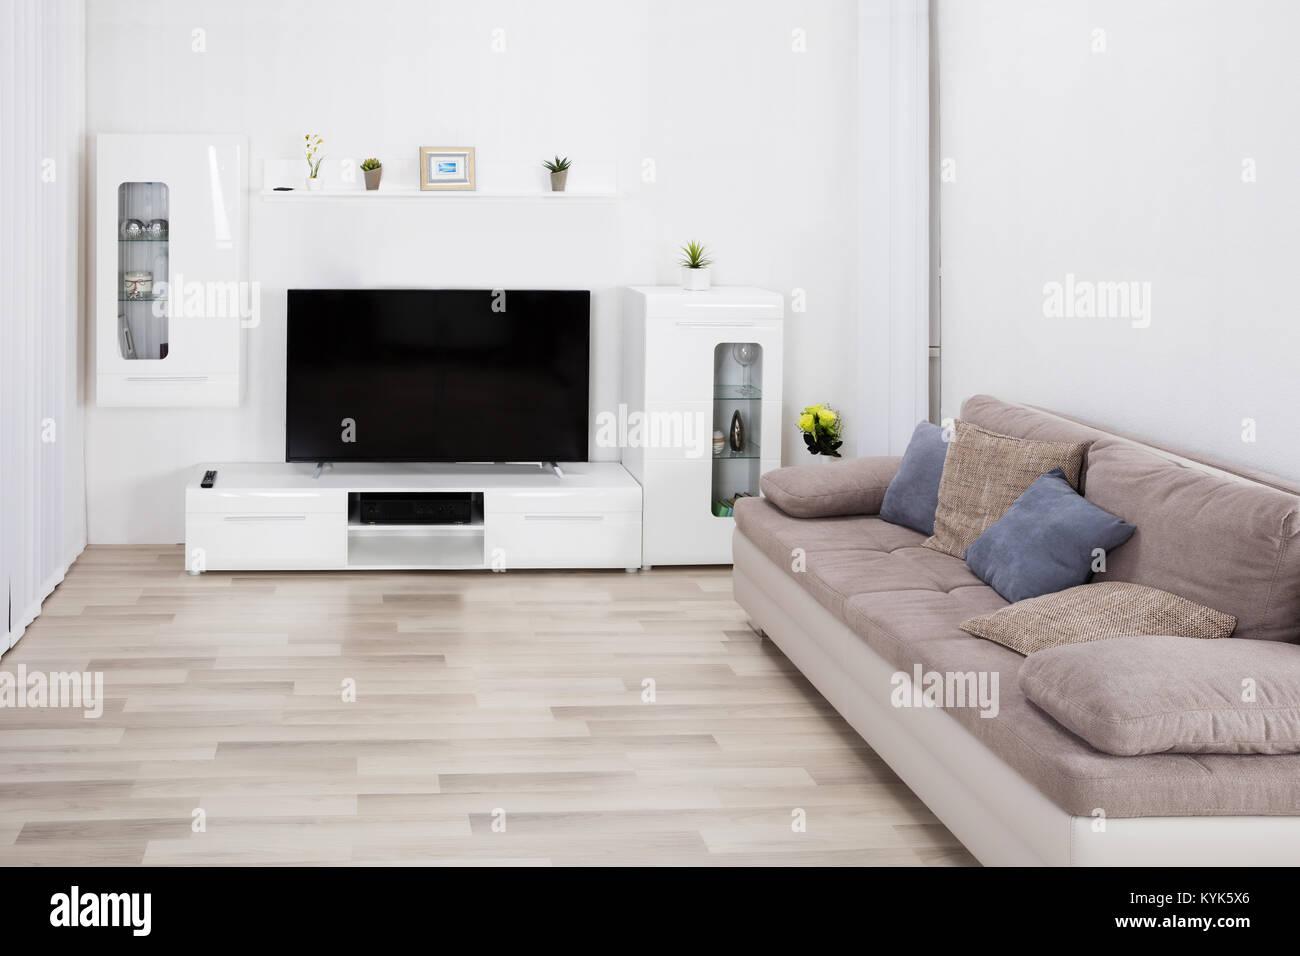 Parquet Flooring Living Room Stock Photos & Parquet Flooring Living ...